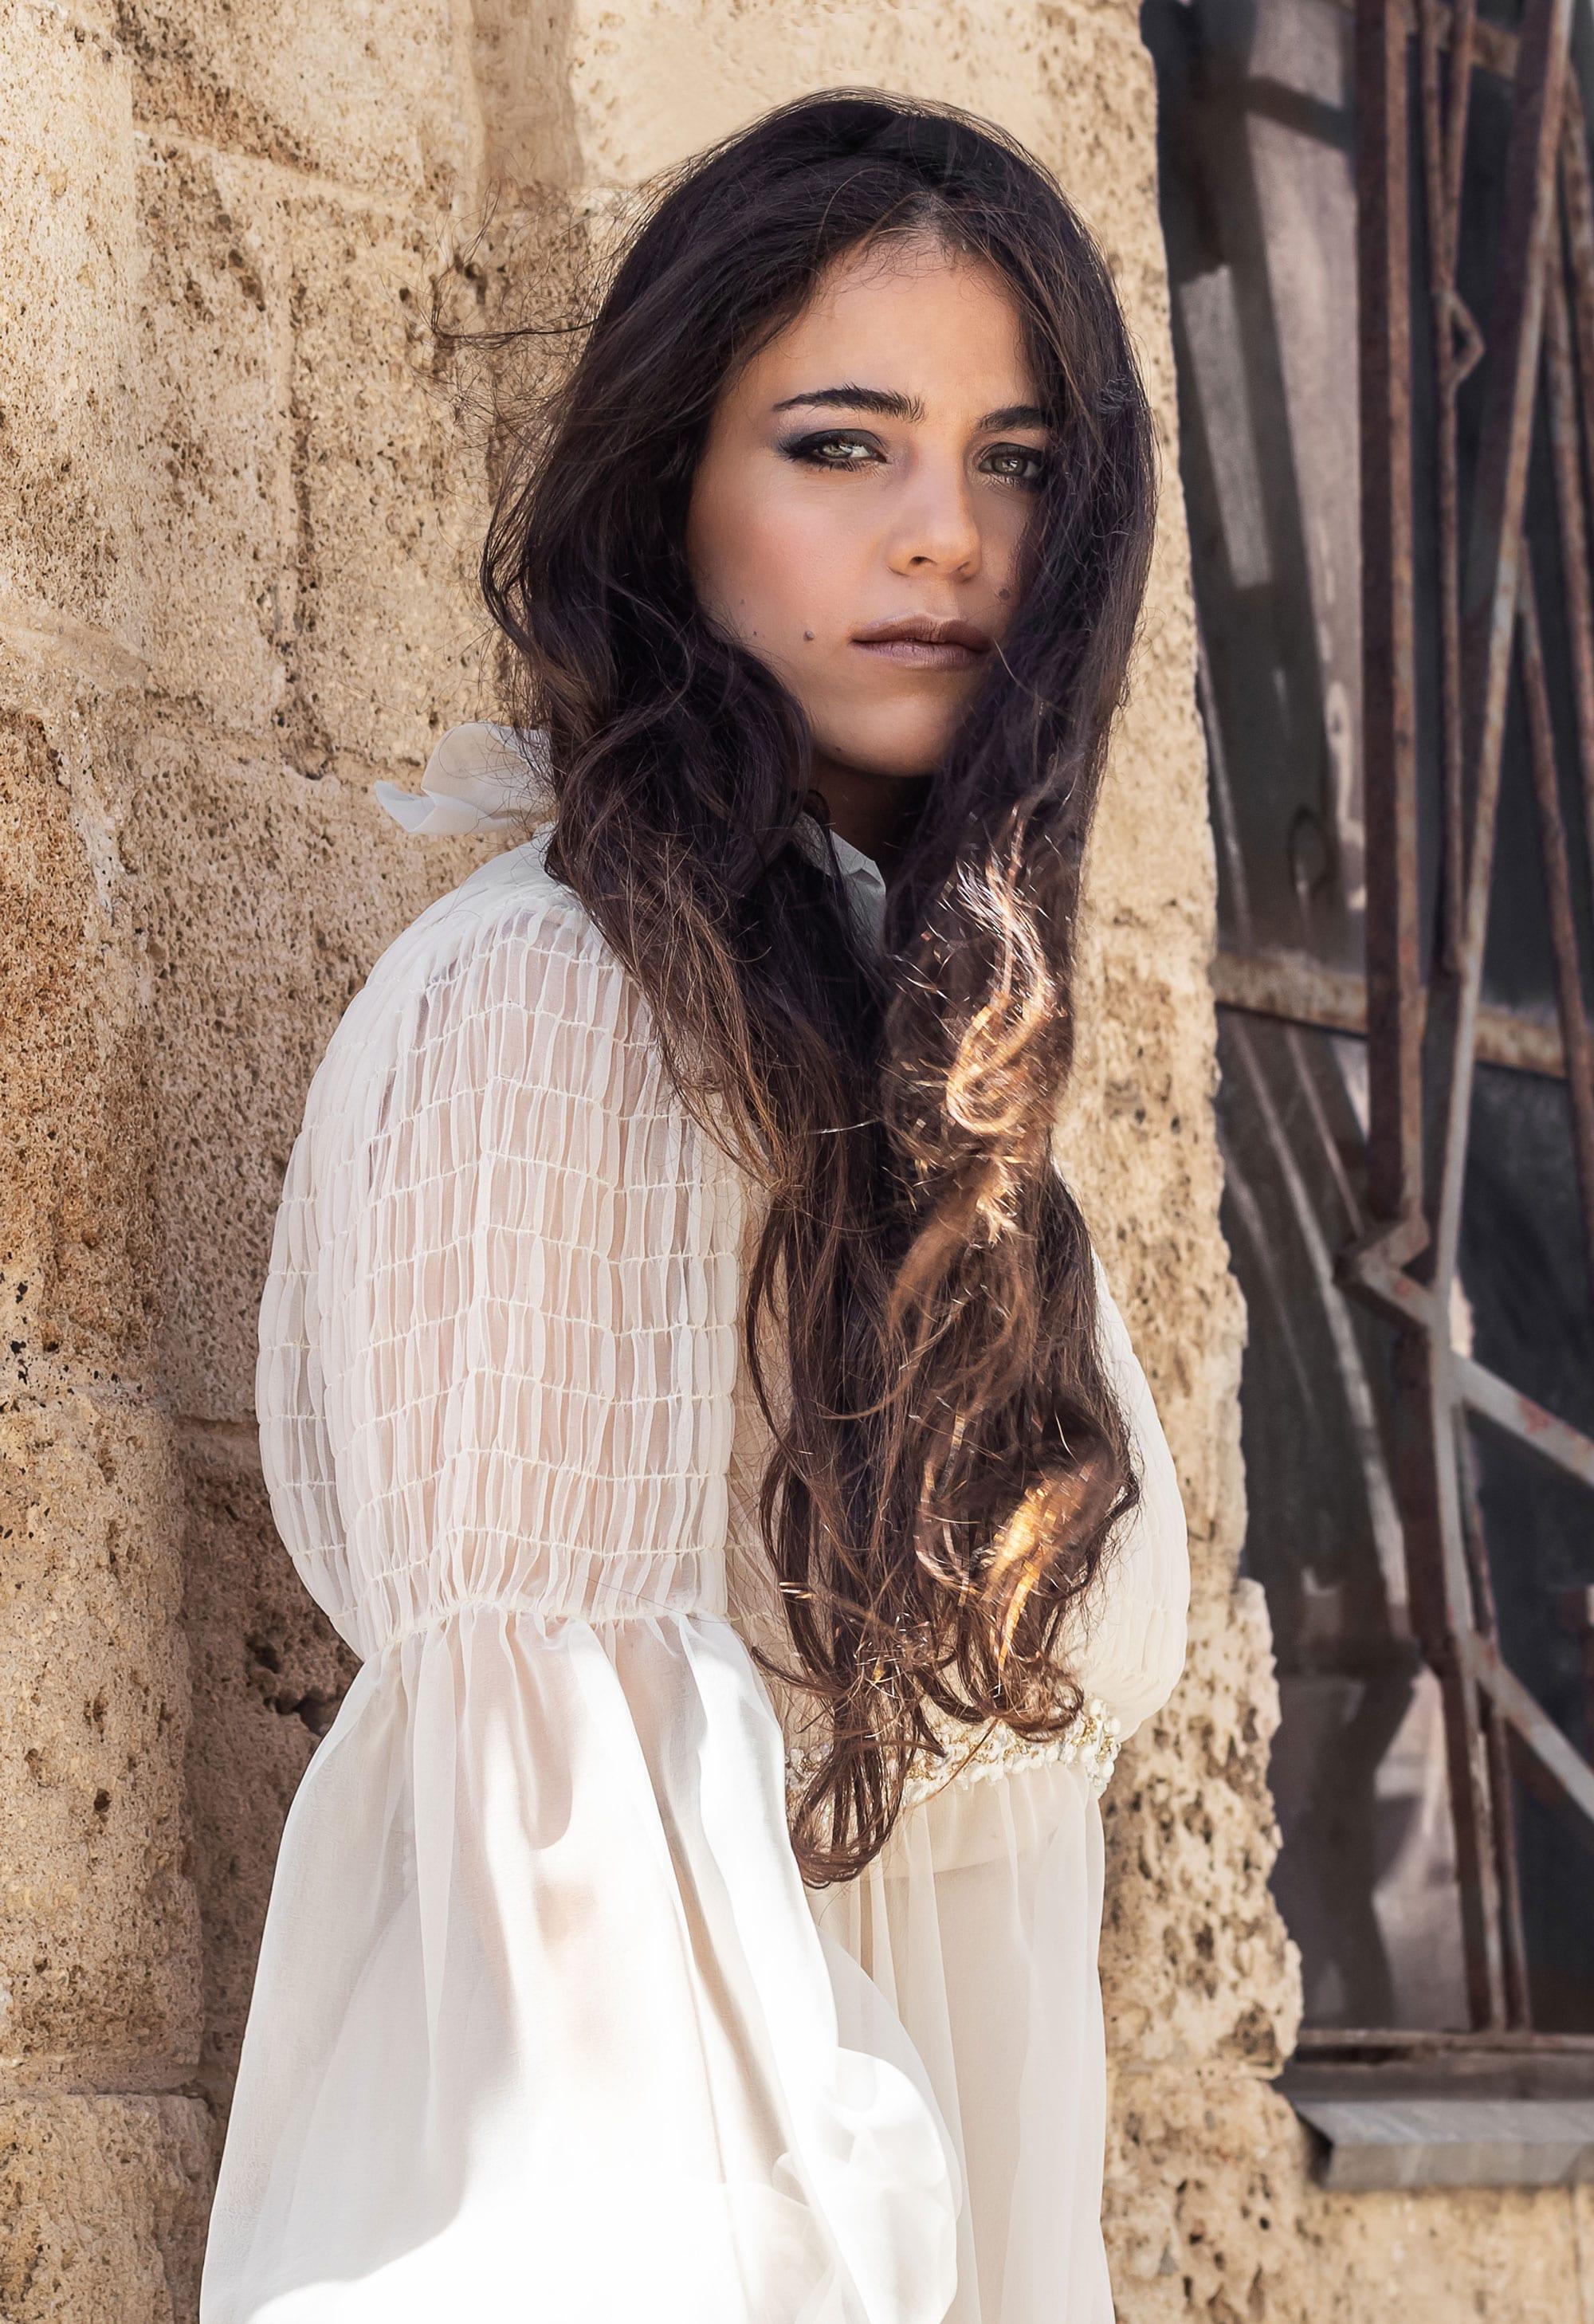 ניב סופר, צילום שרון סטאר, איפור אורנה רימוק, כתבות אופנה, לוני וינטג׳ - 5